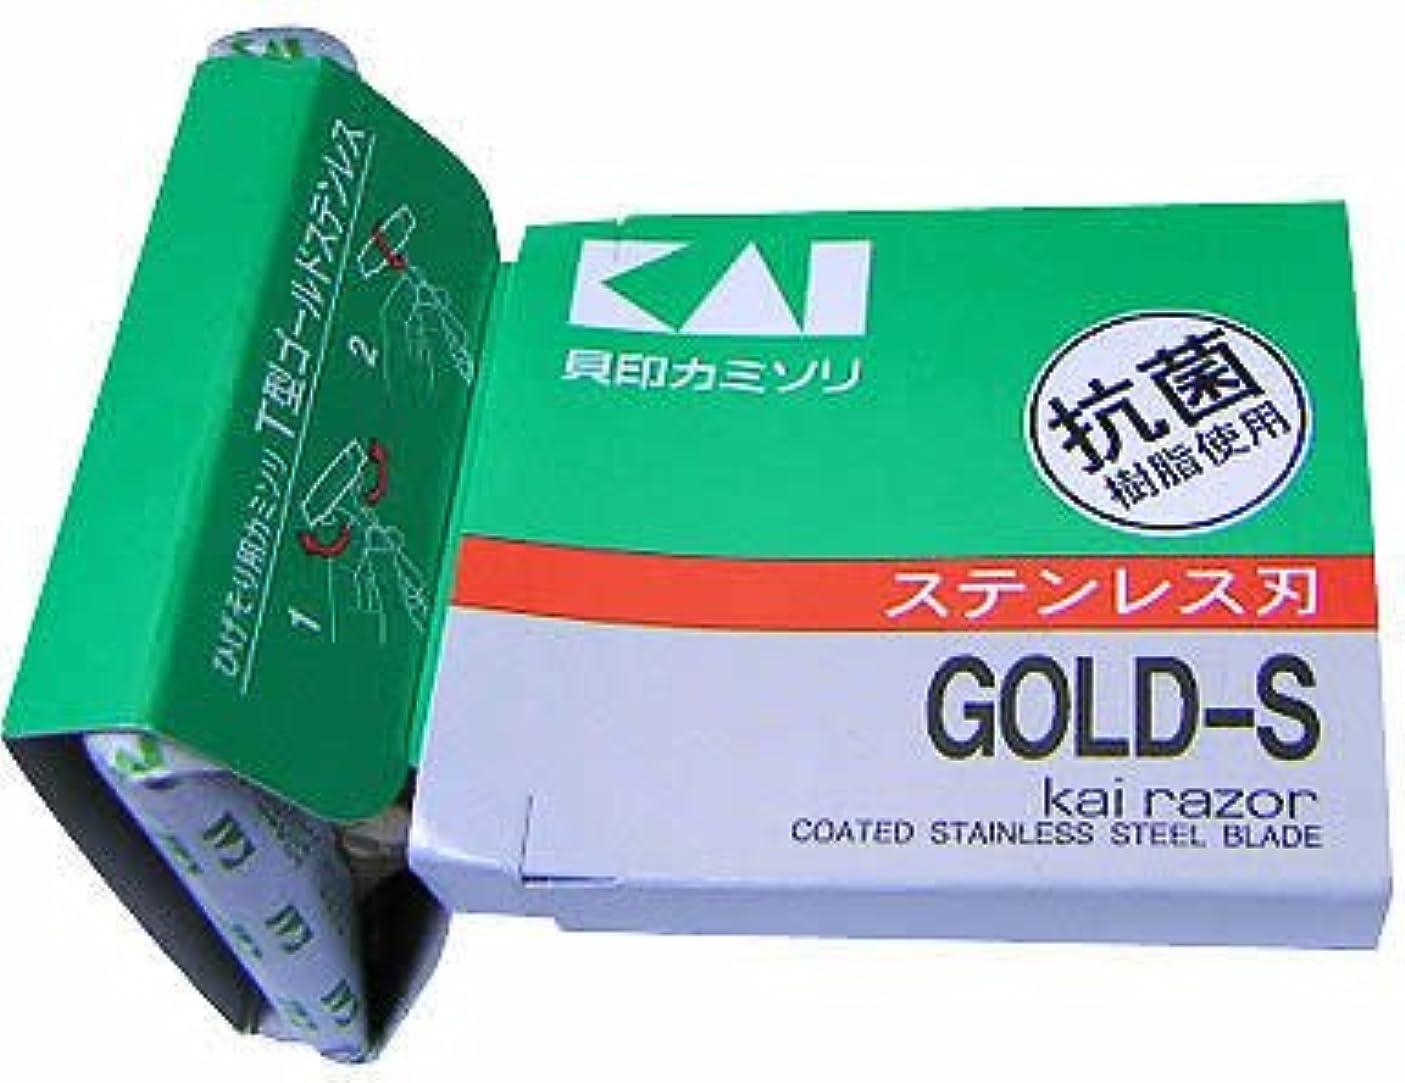 ナビゲーション美的レバーT型ゴールドステンレス カミソリ 5本入